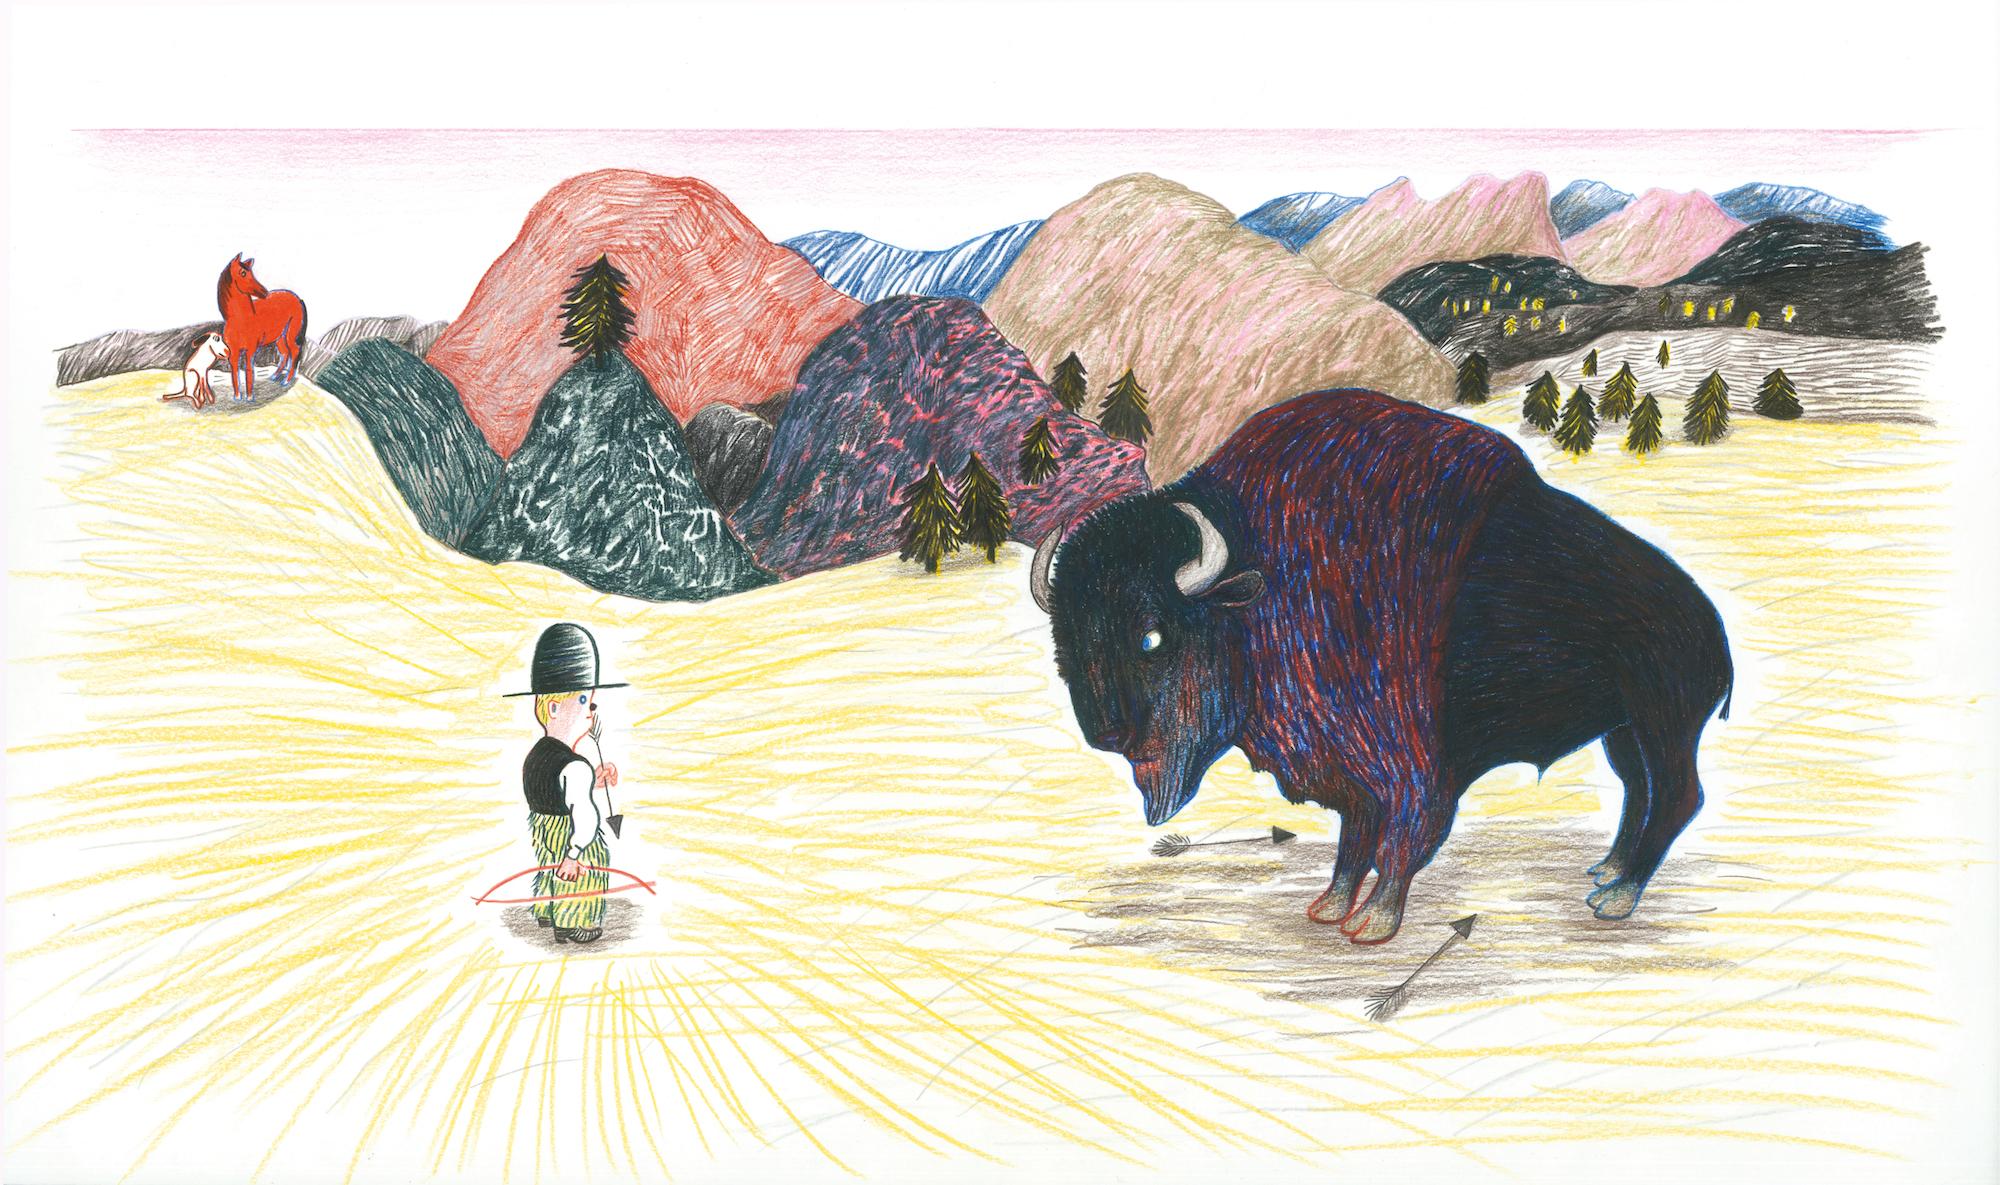 Illustrationer från boken Farwest, 2019. visas i Kitty Crowther - Originalillustrationer 23 mars - 19 maj 2019 Bror Hjorths Hus, Uppsala